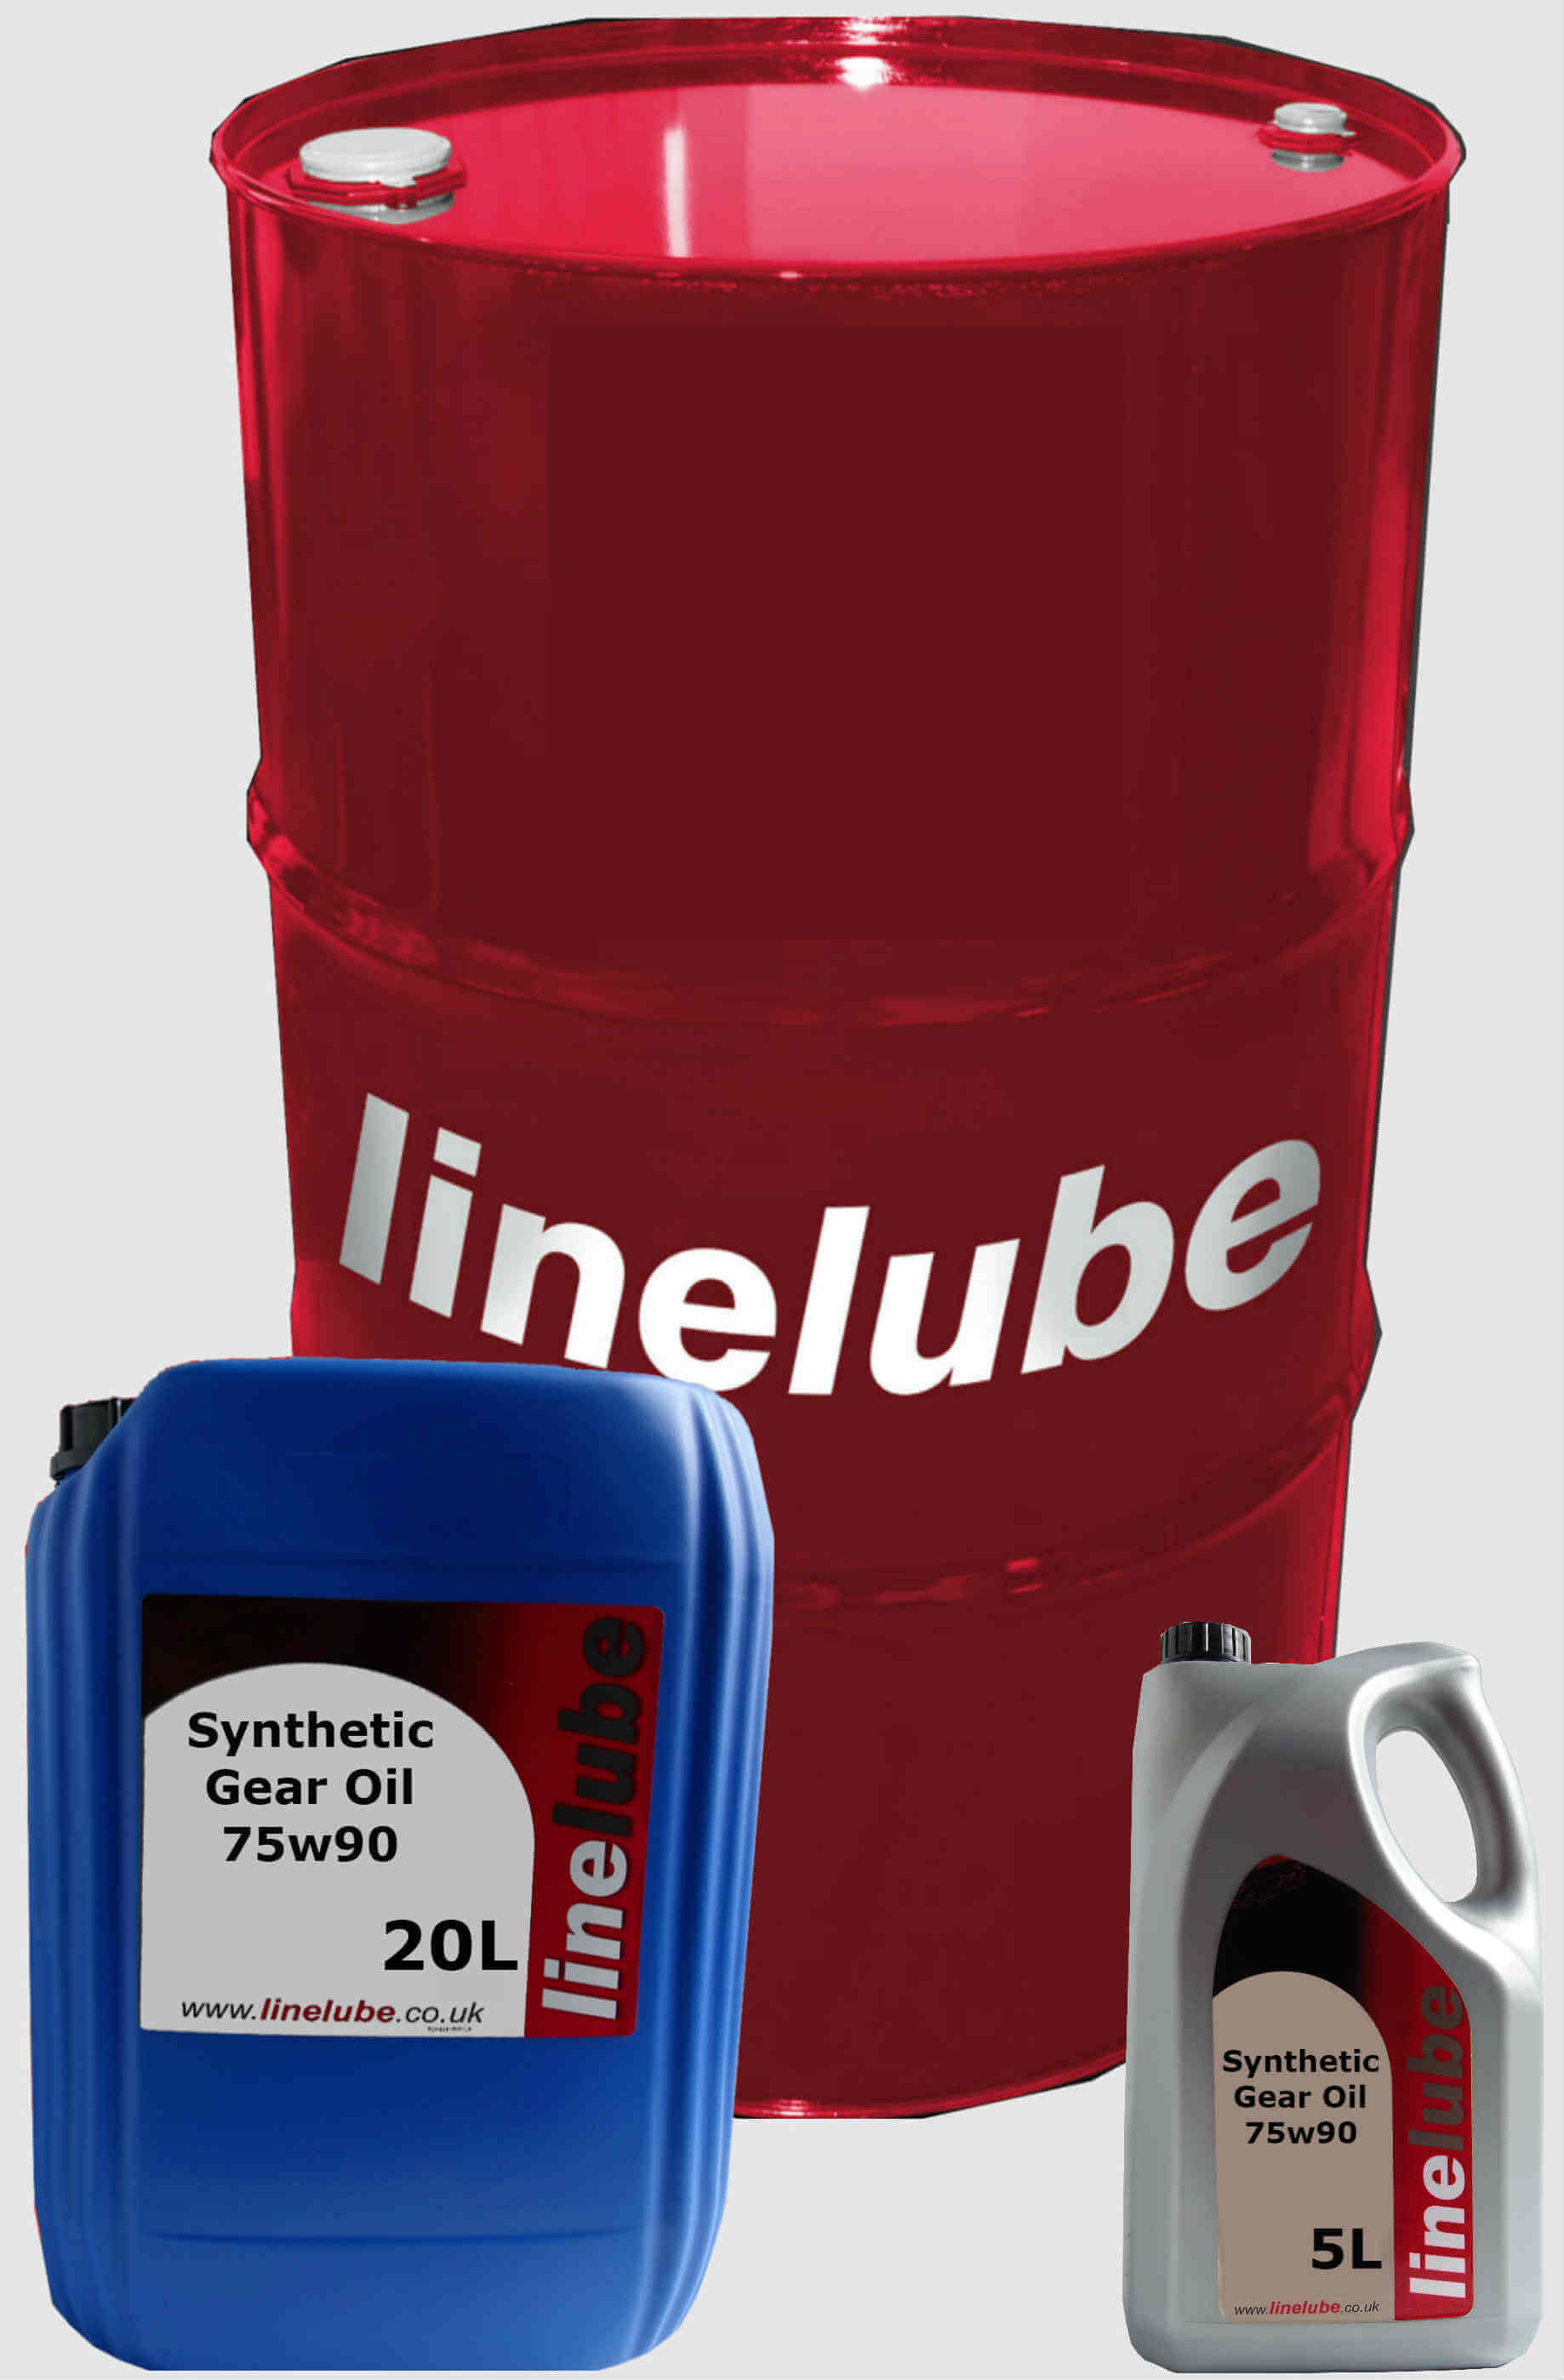 Linelube Synthetic Gear Oil 75w90